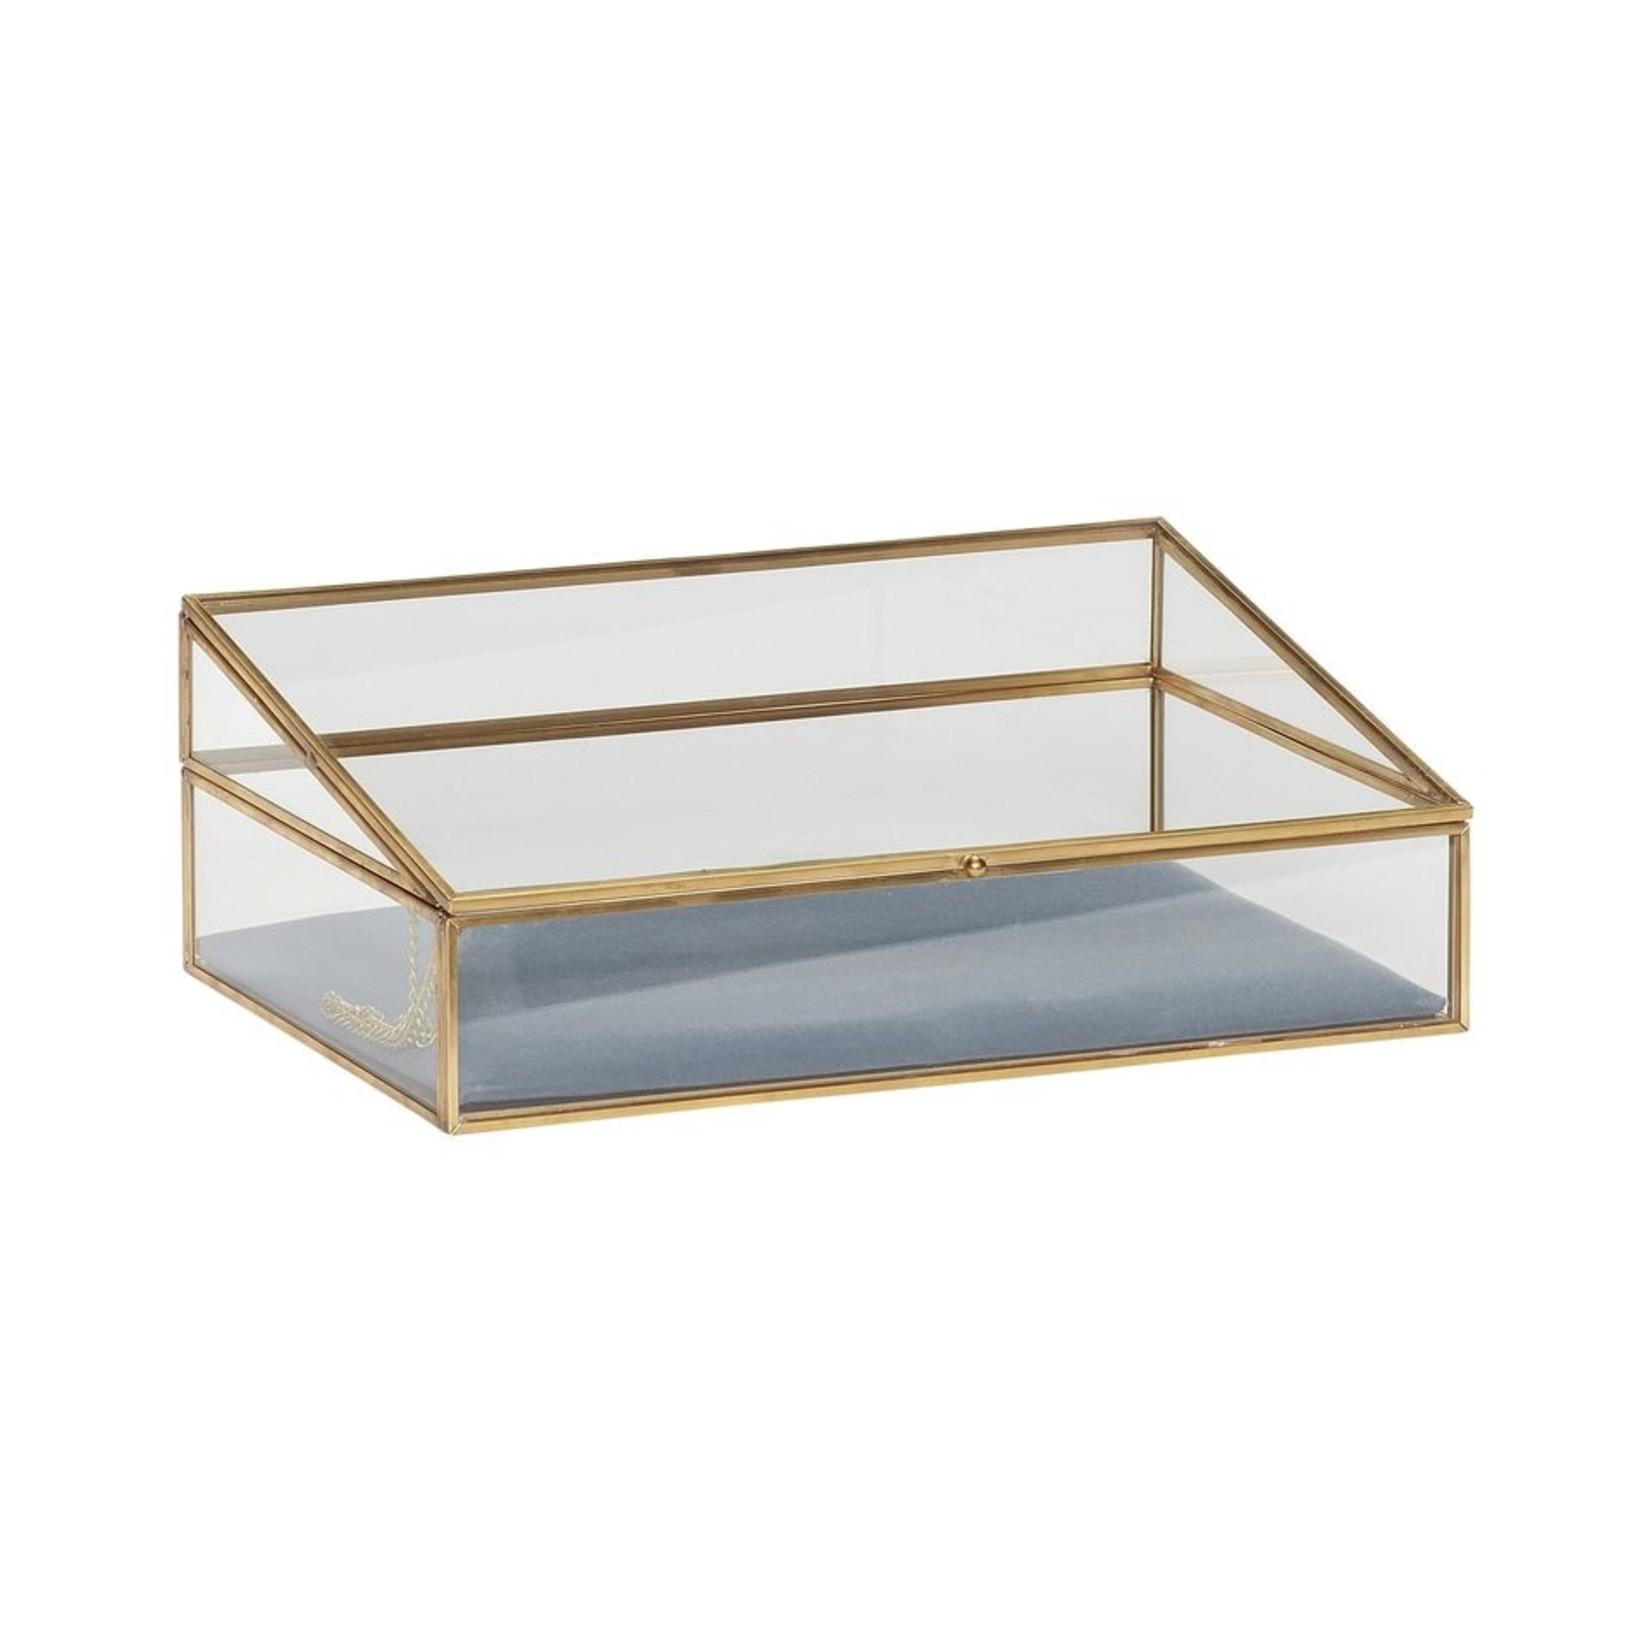 Hübsch Hübsch, glazen box met messing